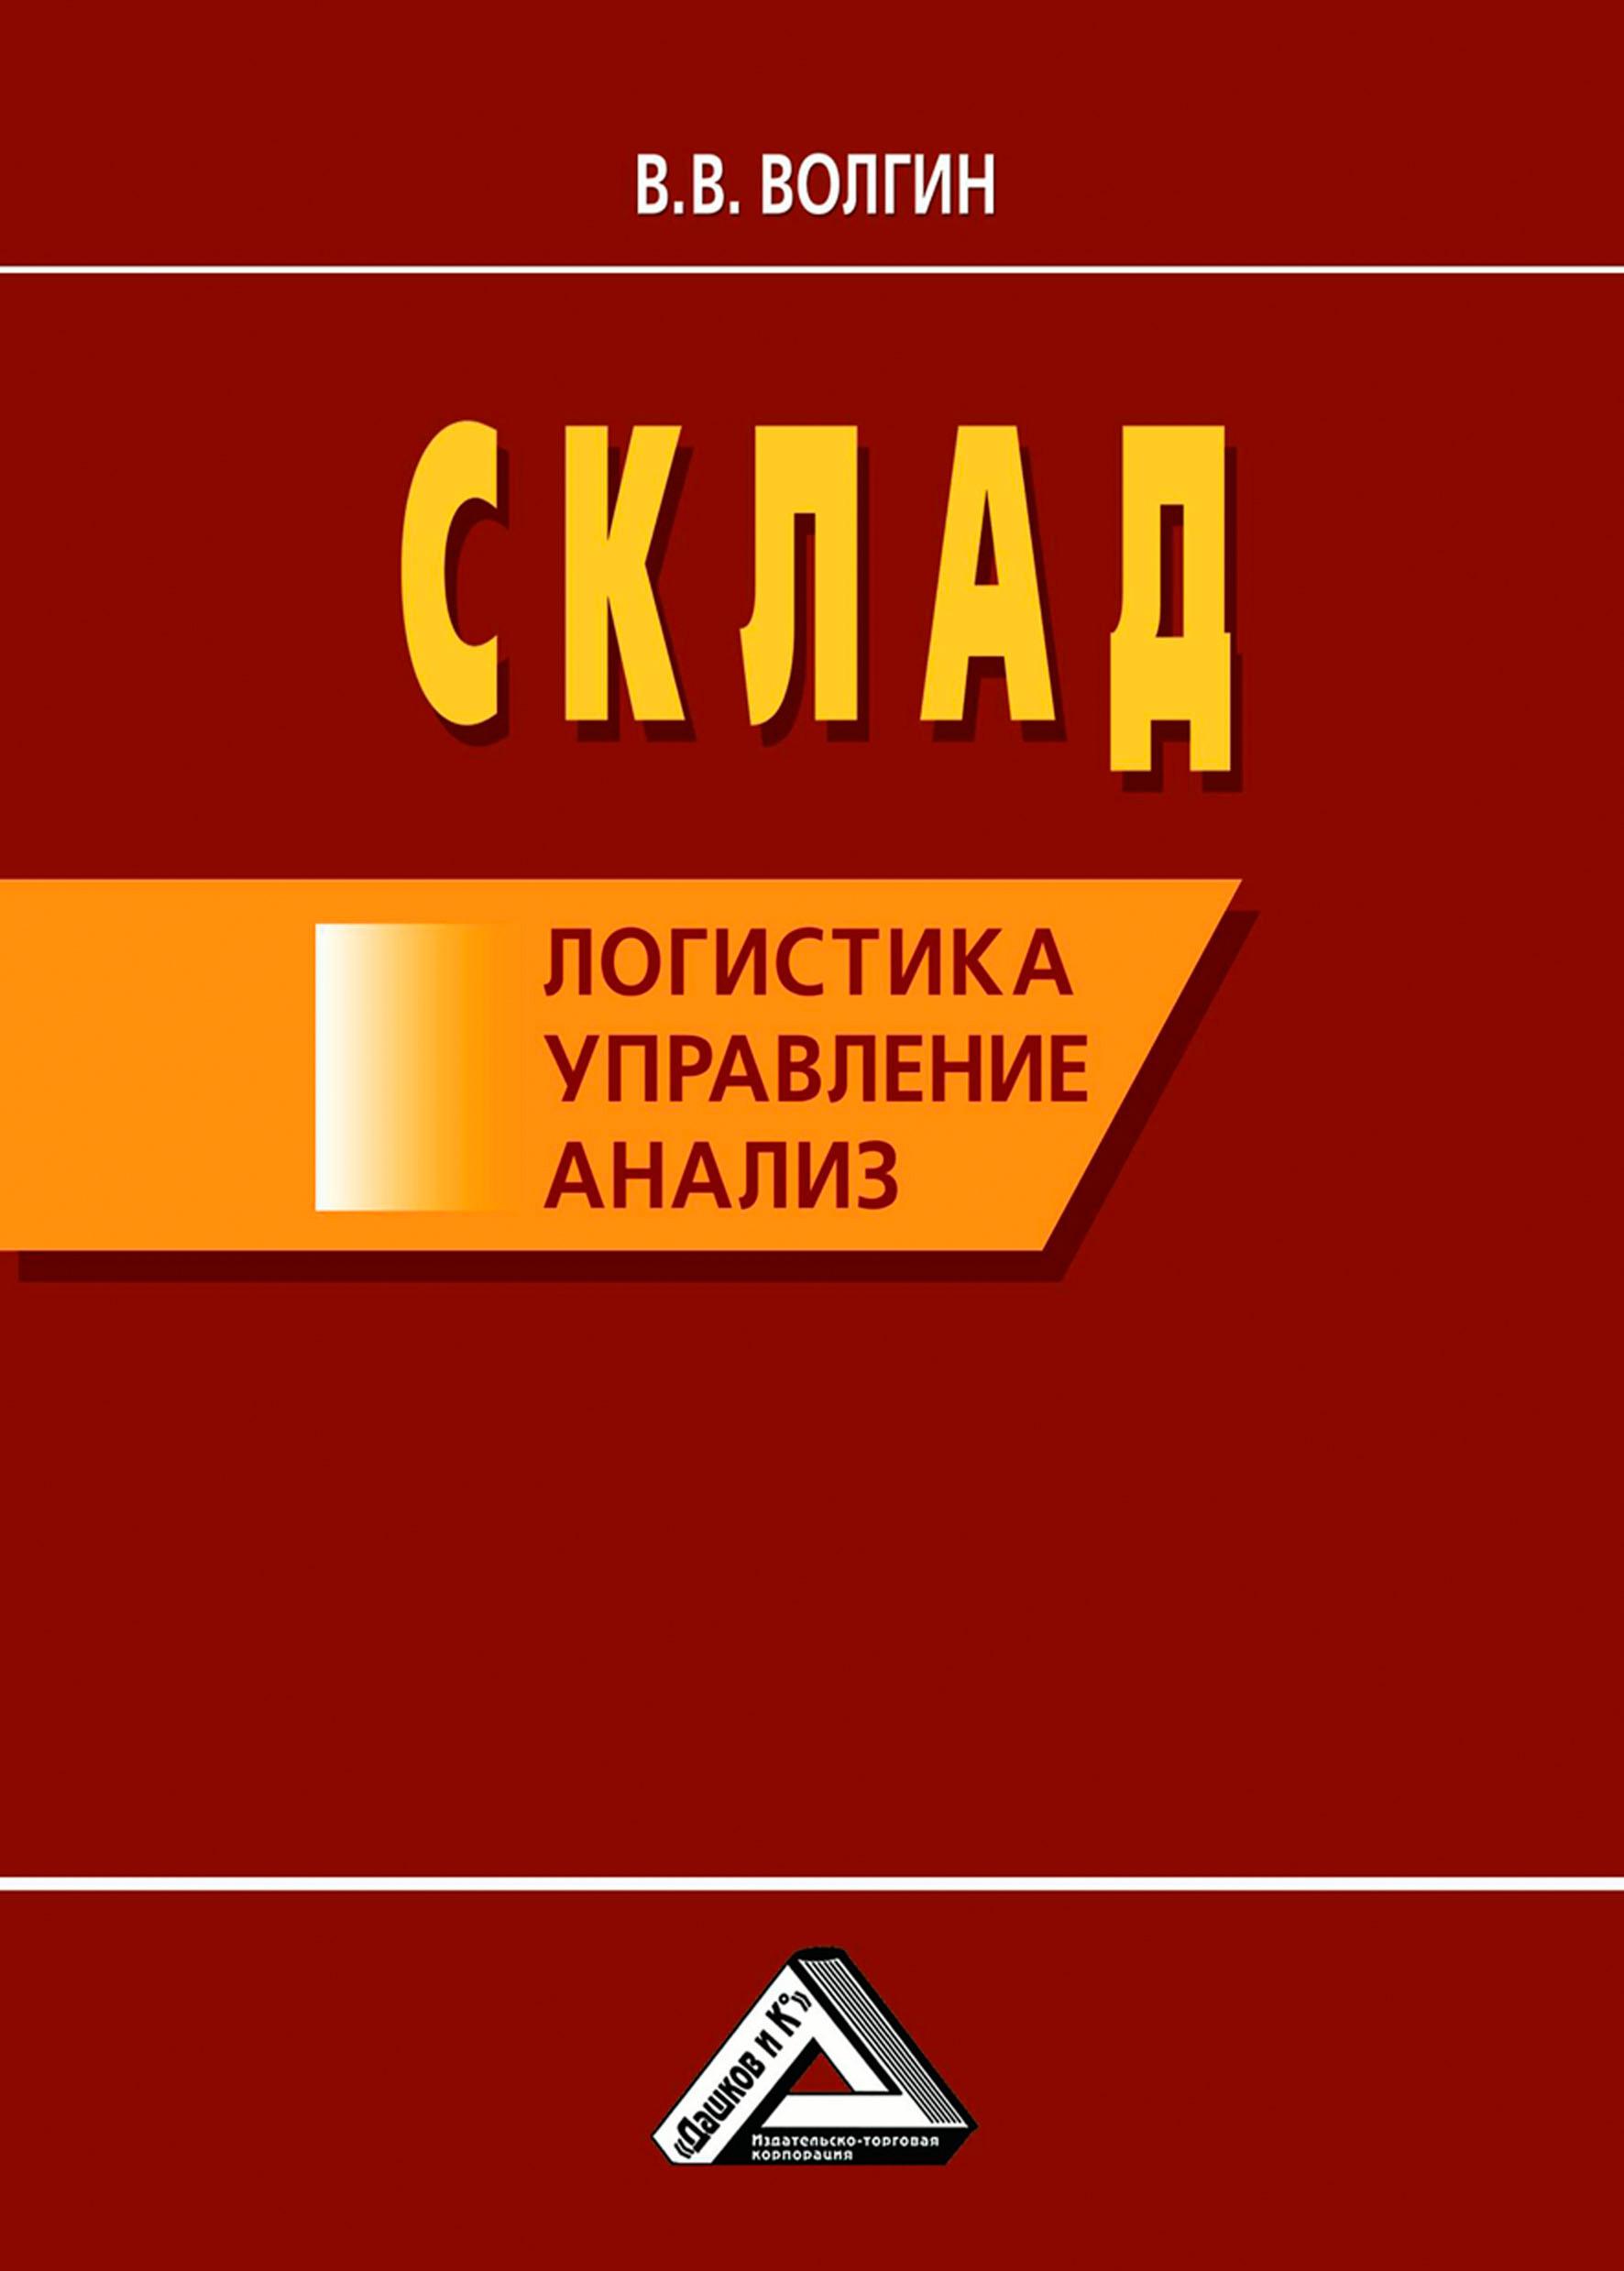 фото обложки издания Склад: логистика, управление, анализ